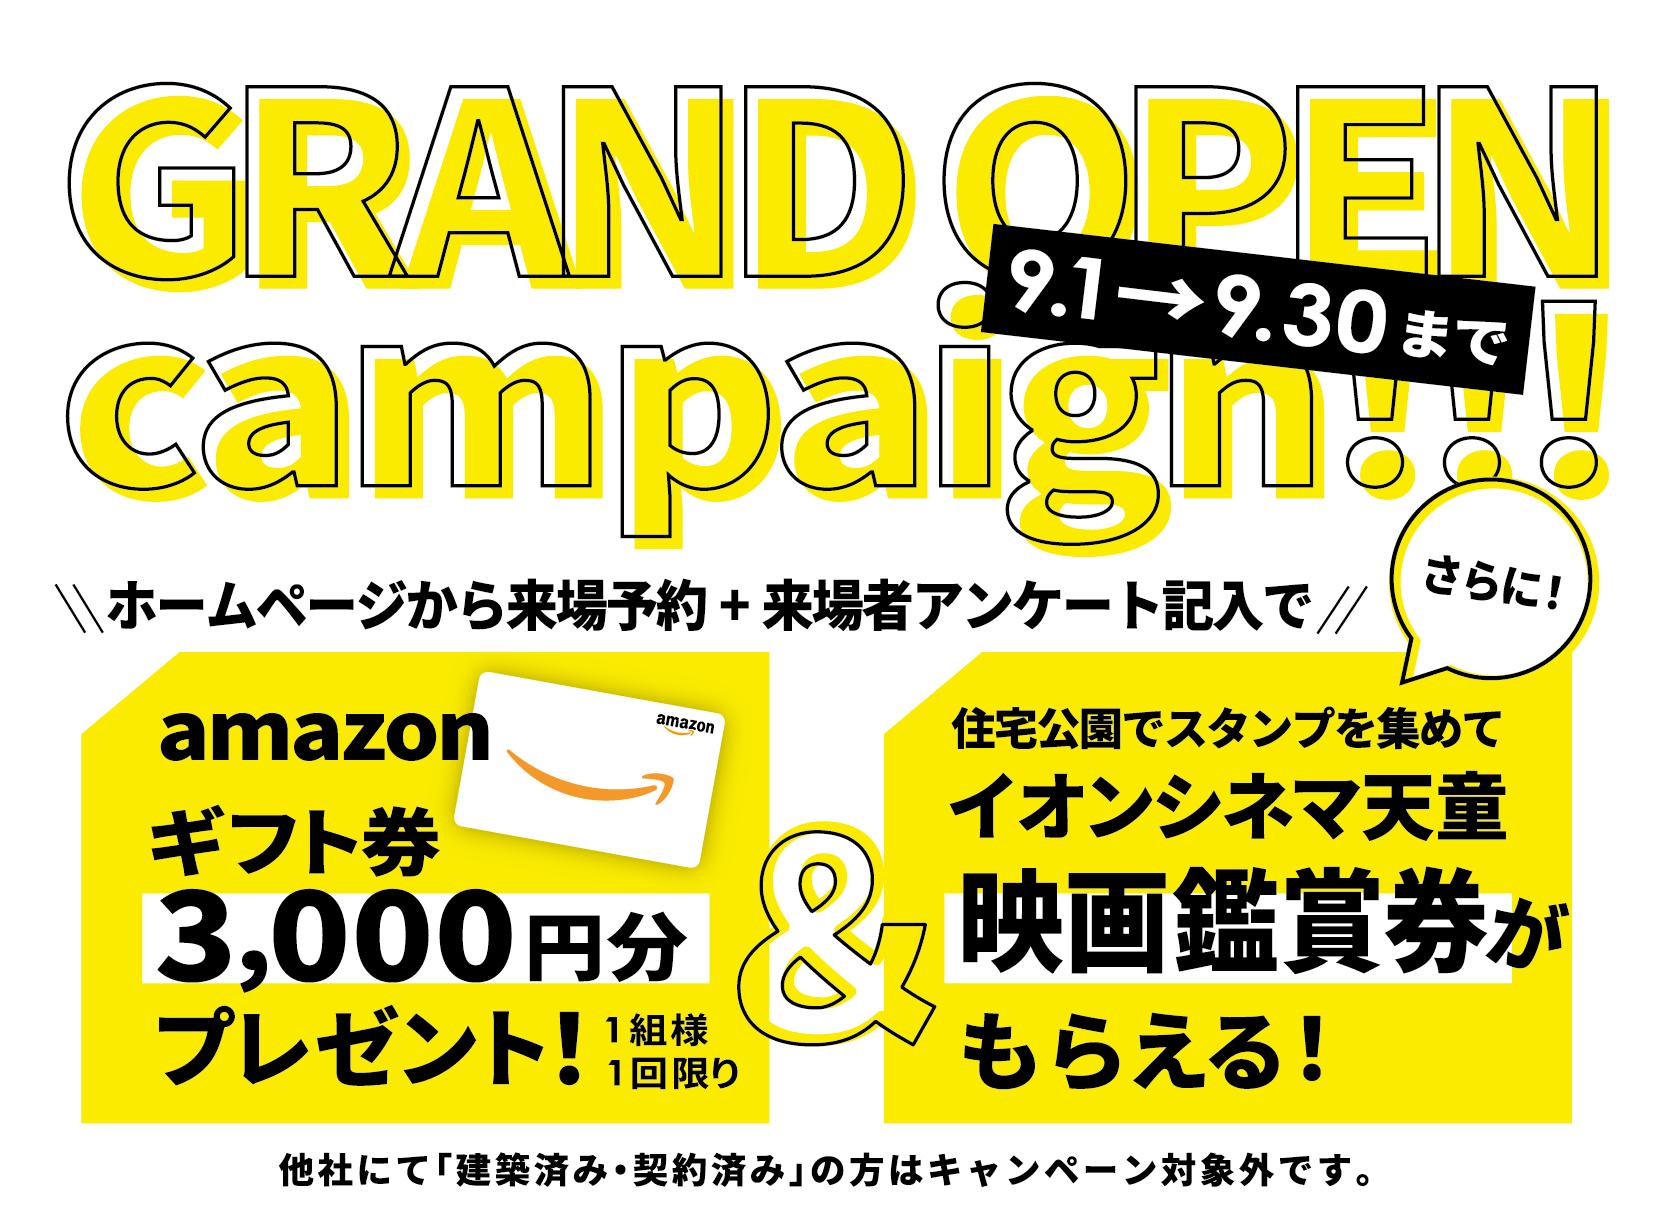 グランドオープンキャンペーン!